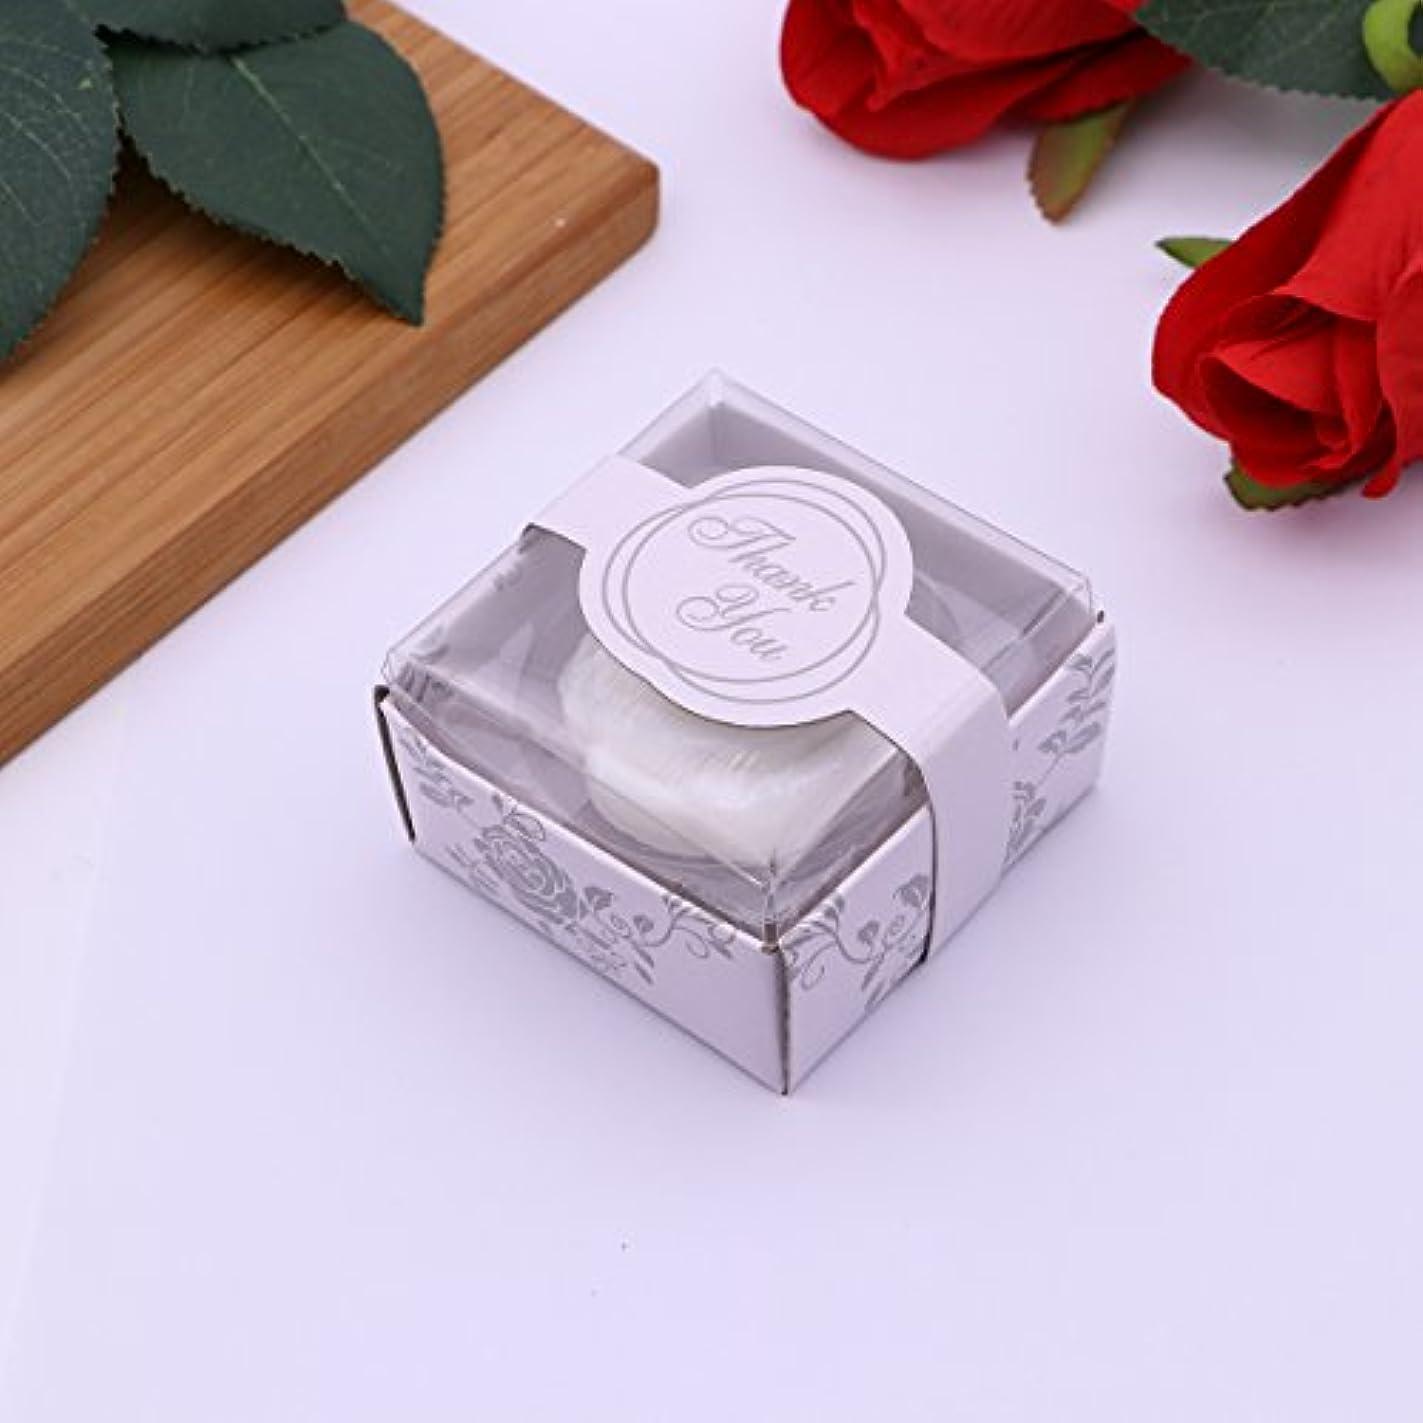 発掘安全でない別にAmosfun 手作り石鹸オイルローズフラワーソープアロマエッセンシャルオイルギフト記念日誕生日結婚式バレンタインデー(ホワイト)20ピース